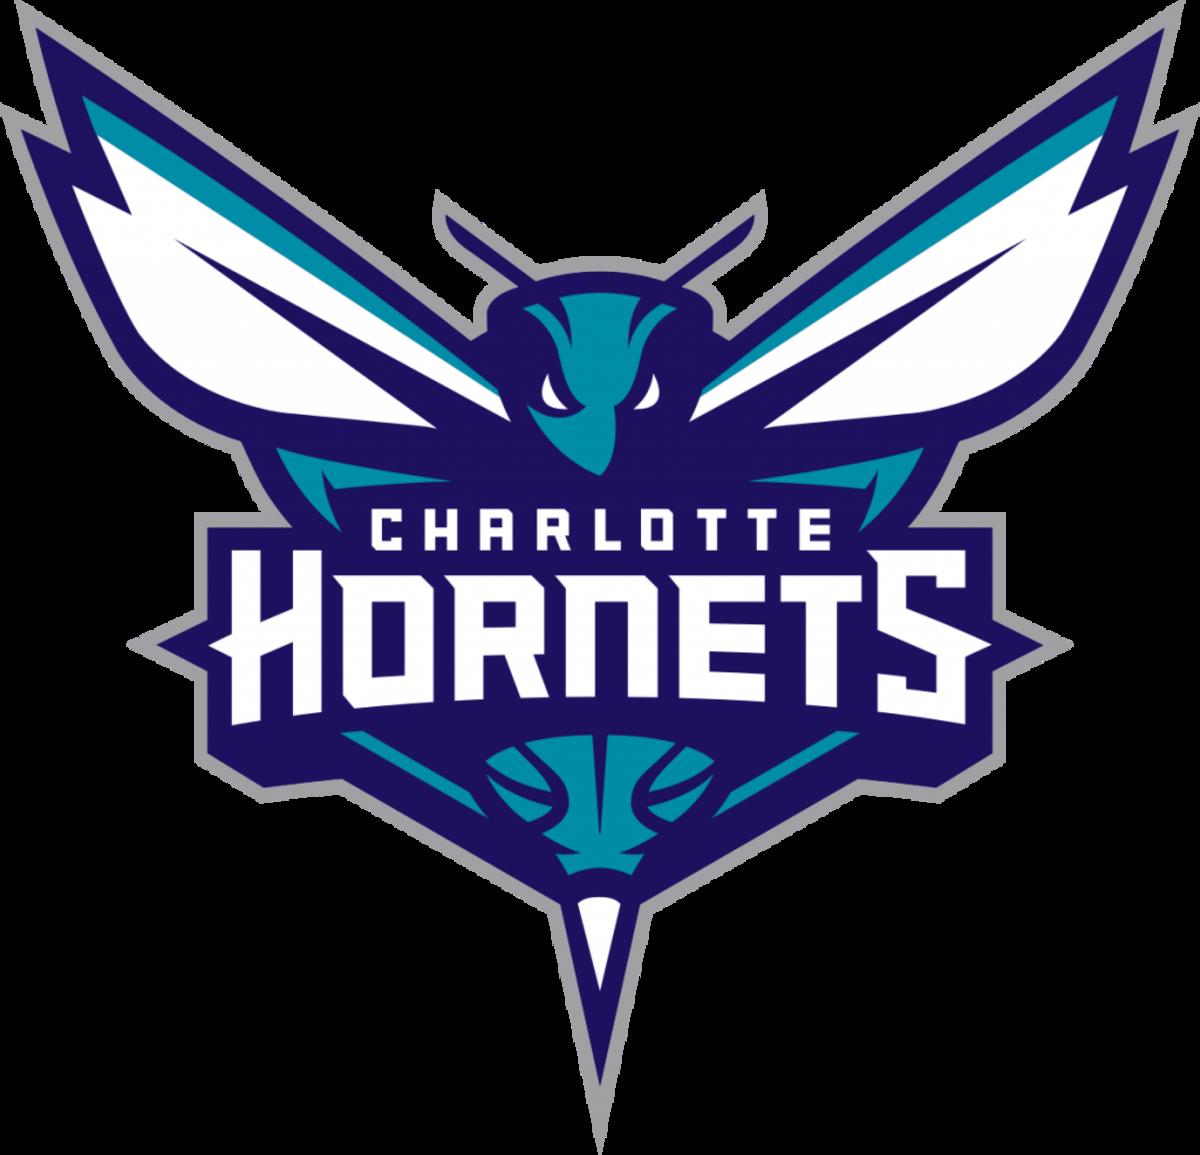 Charlotte_Hornets_(2014).svg